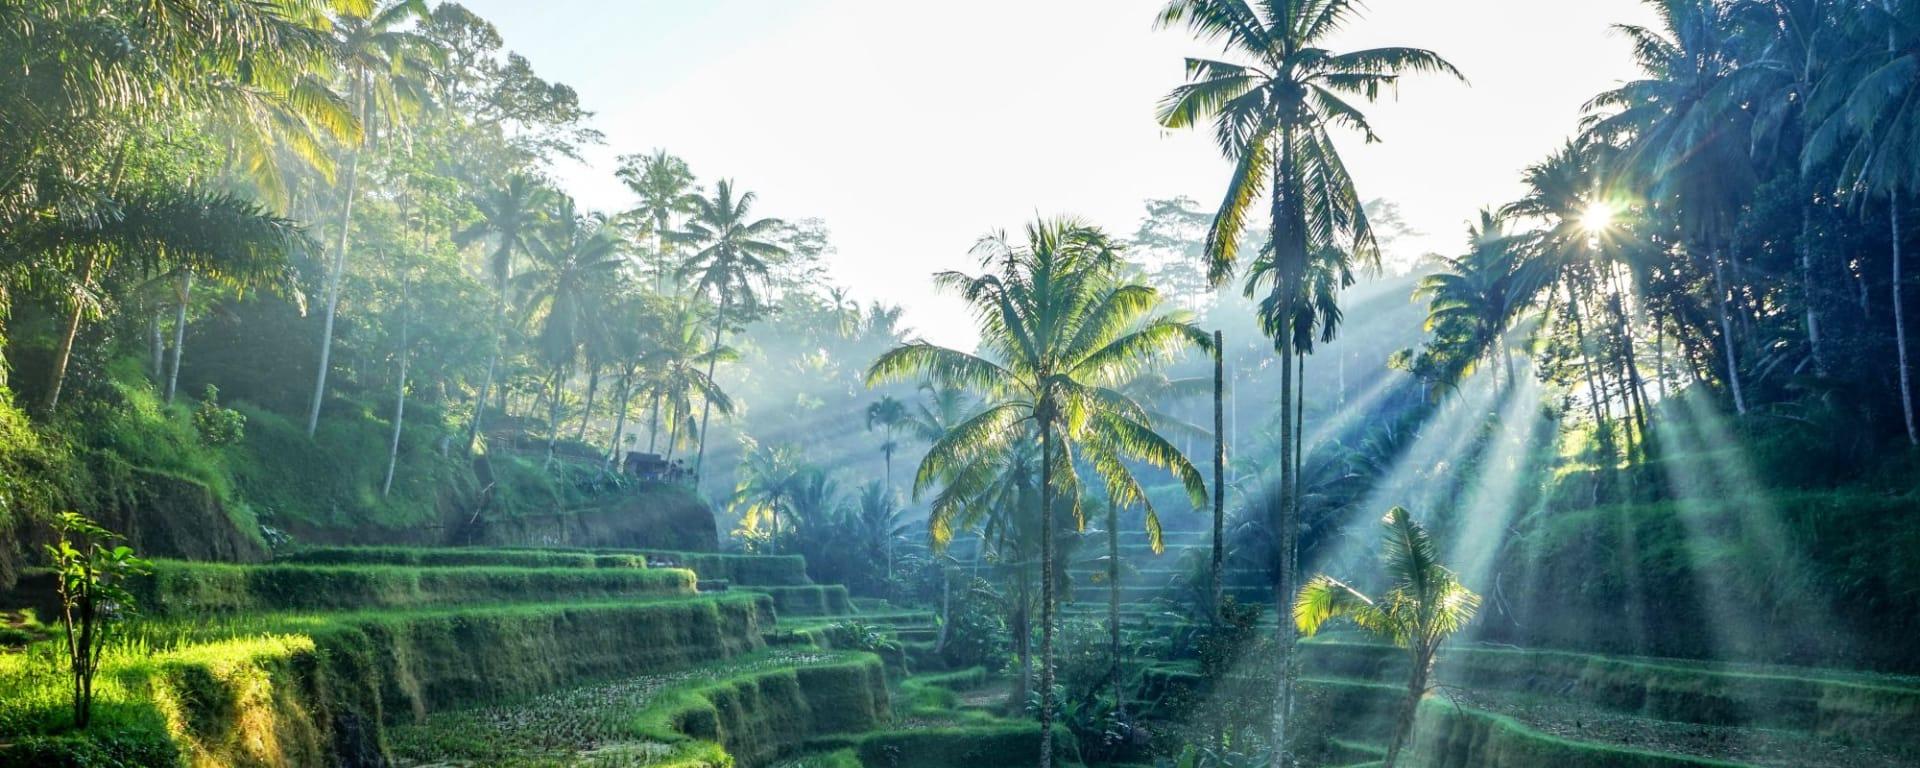 Les hauts lieux de Bali de Sud de Bali: Bali Ubud Rice Terraces